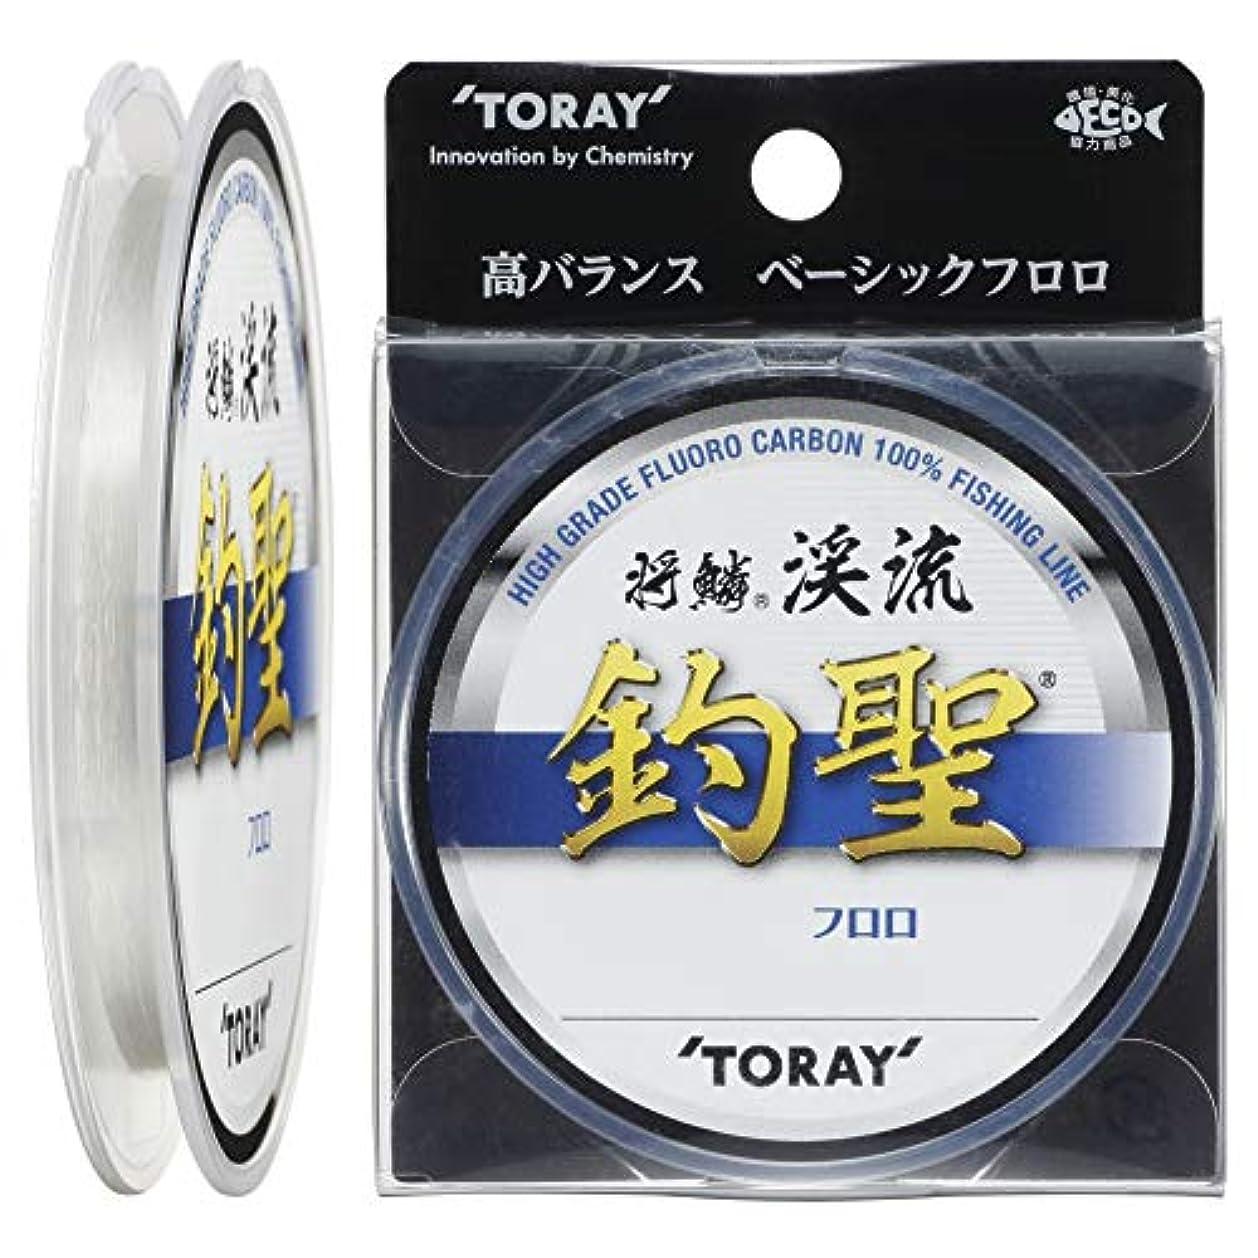 火炎キモい推定東レ(TORAY) ライン 将鱗 渓流 釣聖 50m 0.4号